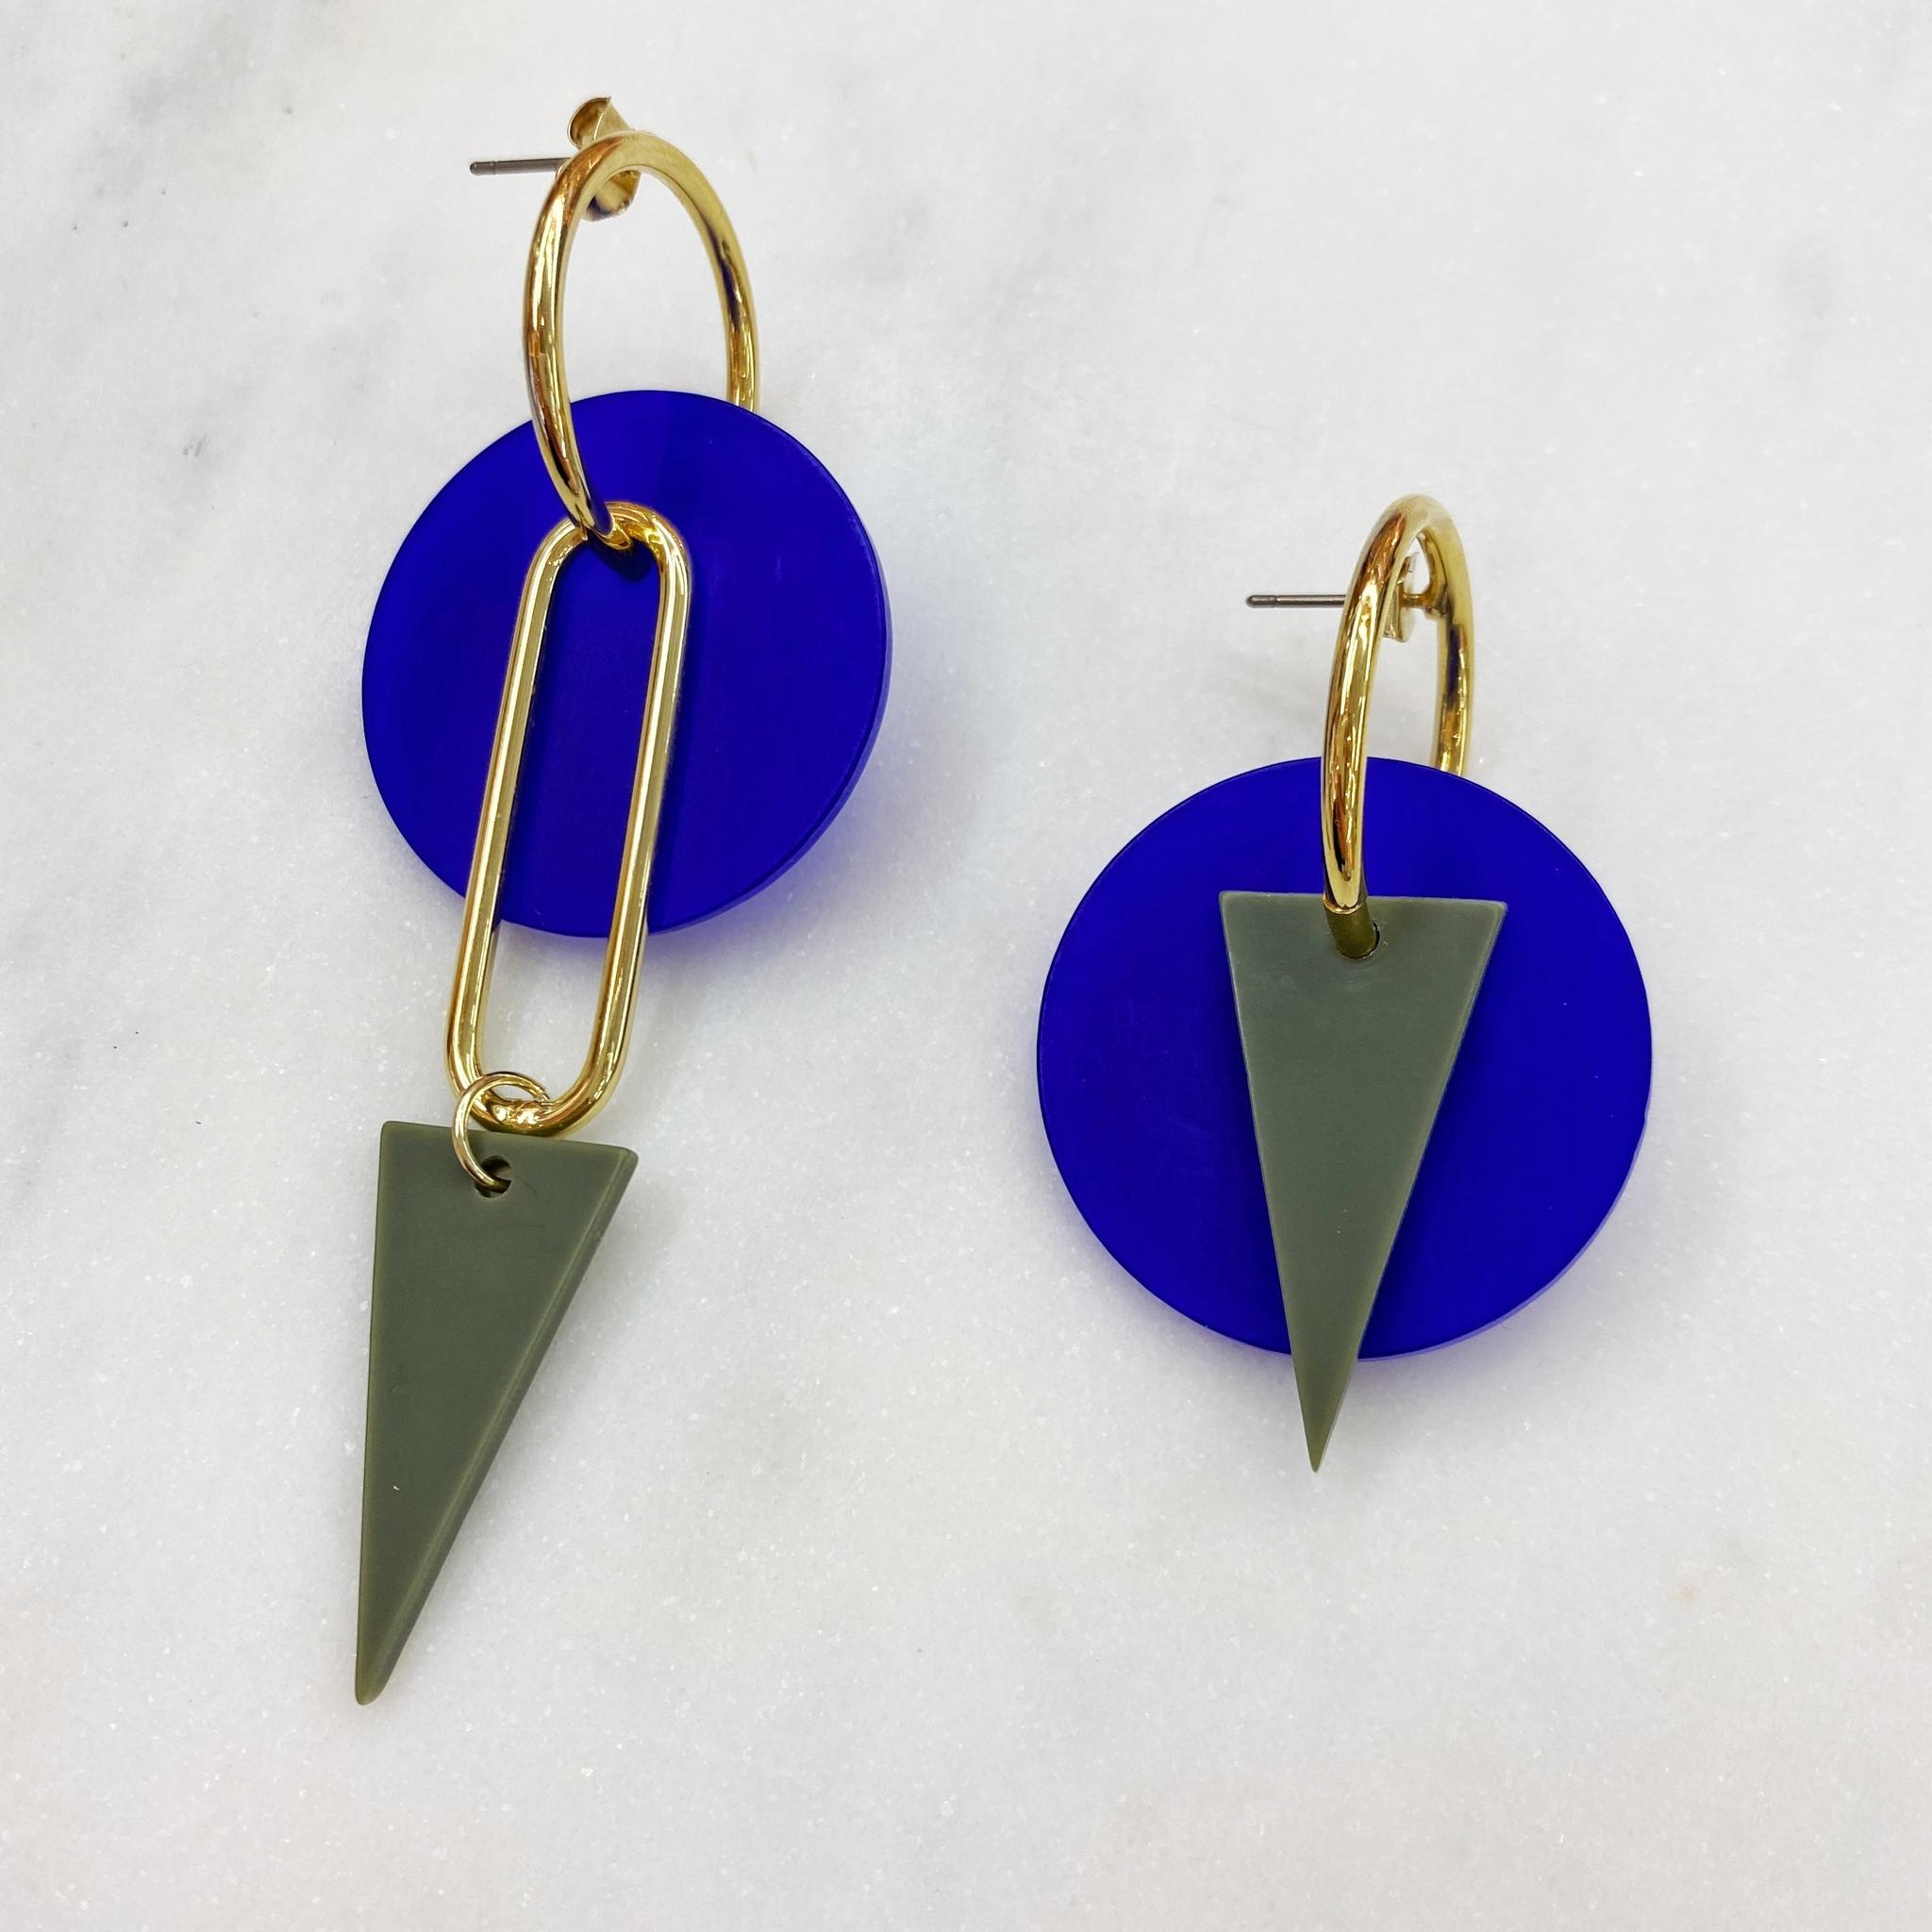 Серьги с акриловыми геометрическими подвесками (синий, зеленый)